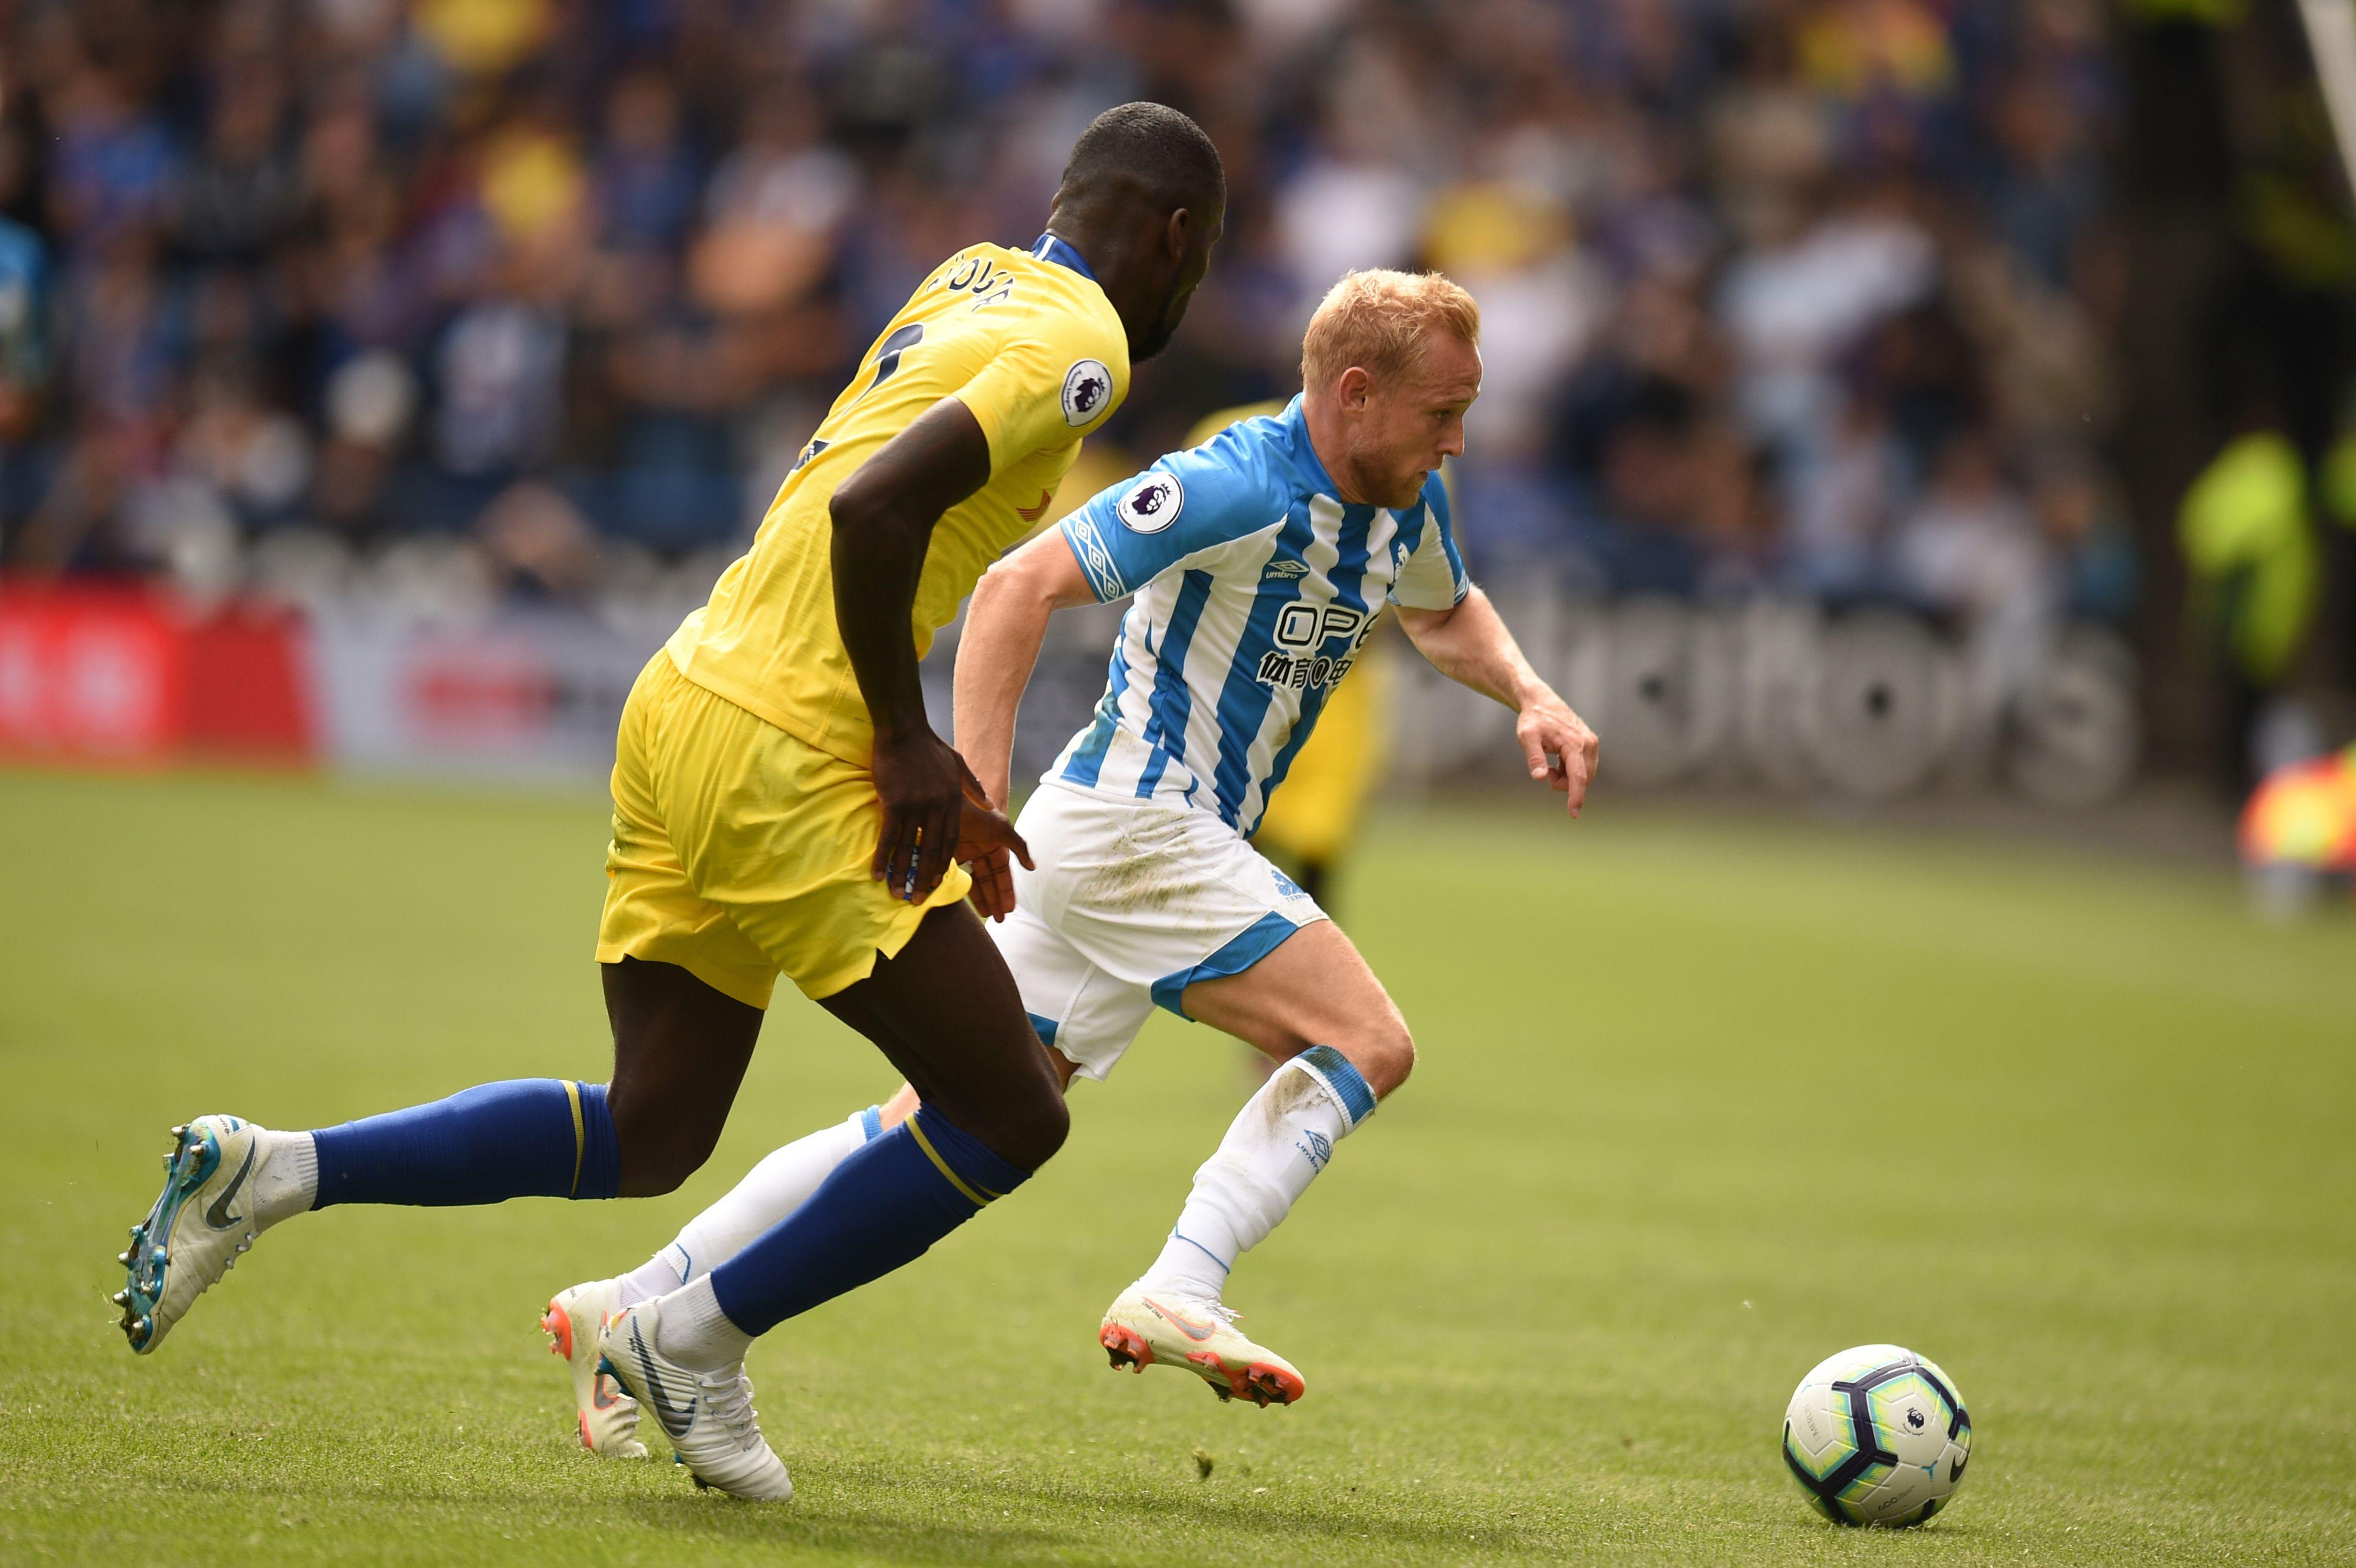 Huddersfield Chelsea Premier League